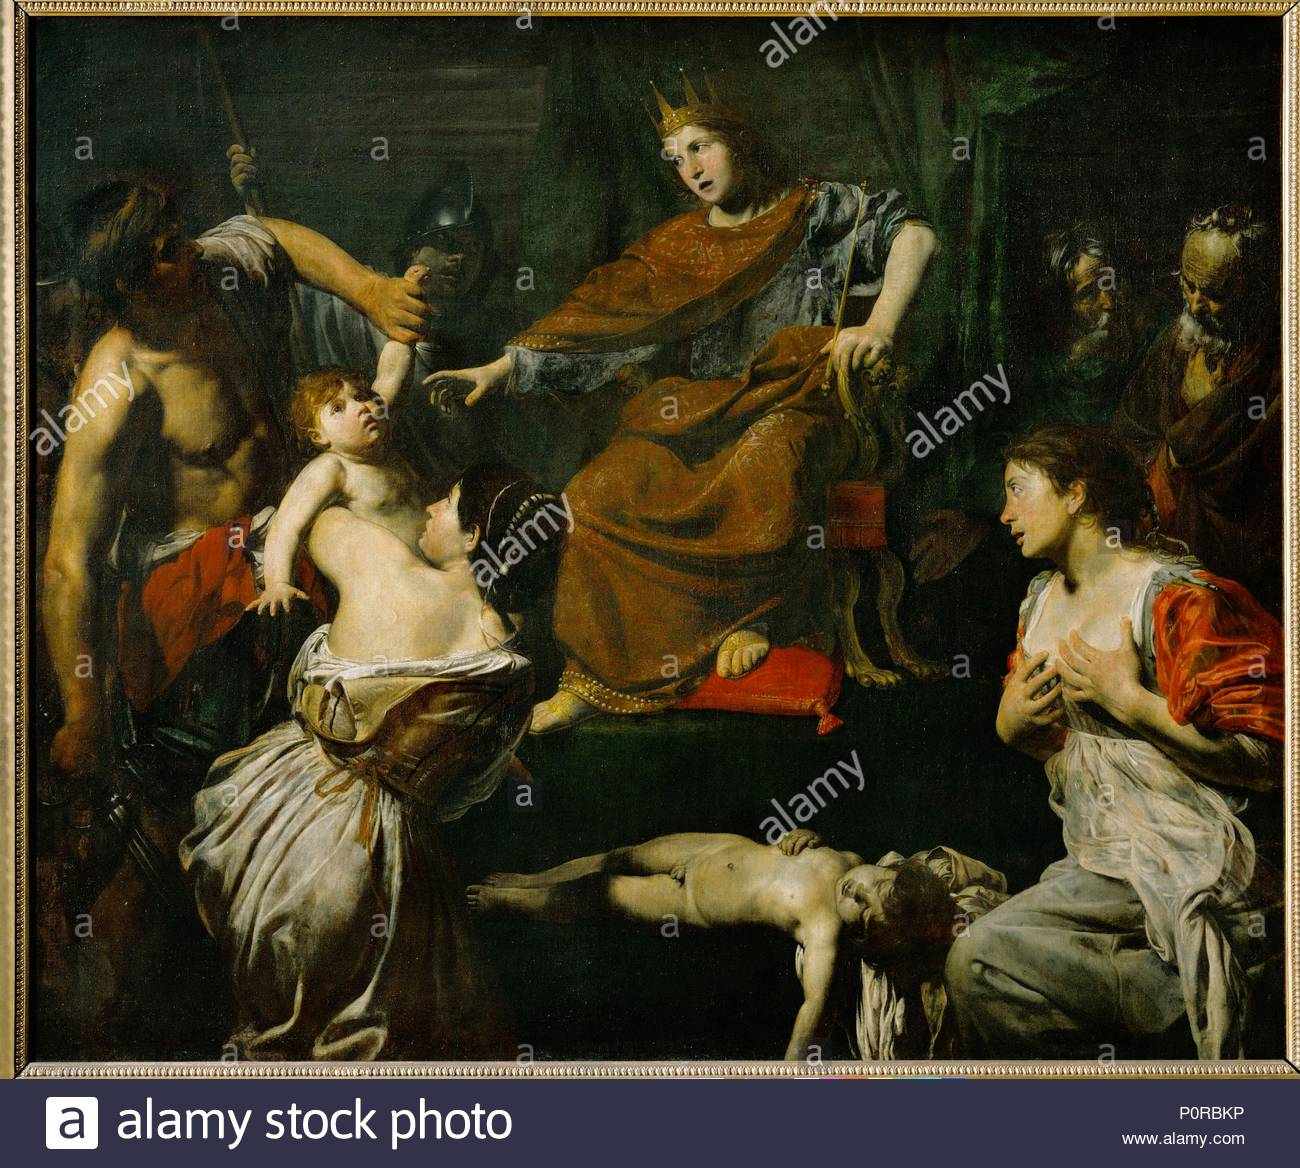 Le jugement de Salomon-The judgement of Solomon Canvas, 176 x 210 cm INV. 8246. Author: Valentin de Boulogne (1591-1632). Location: Louvre, Dpt. des Peintures, Paris, France. - Stock Image